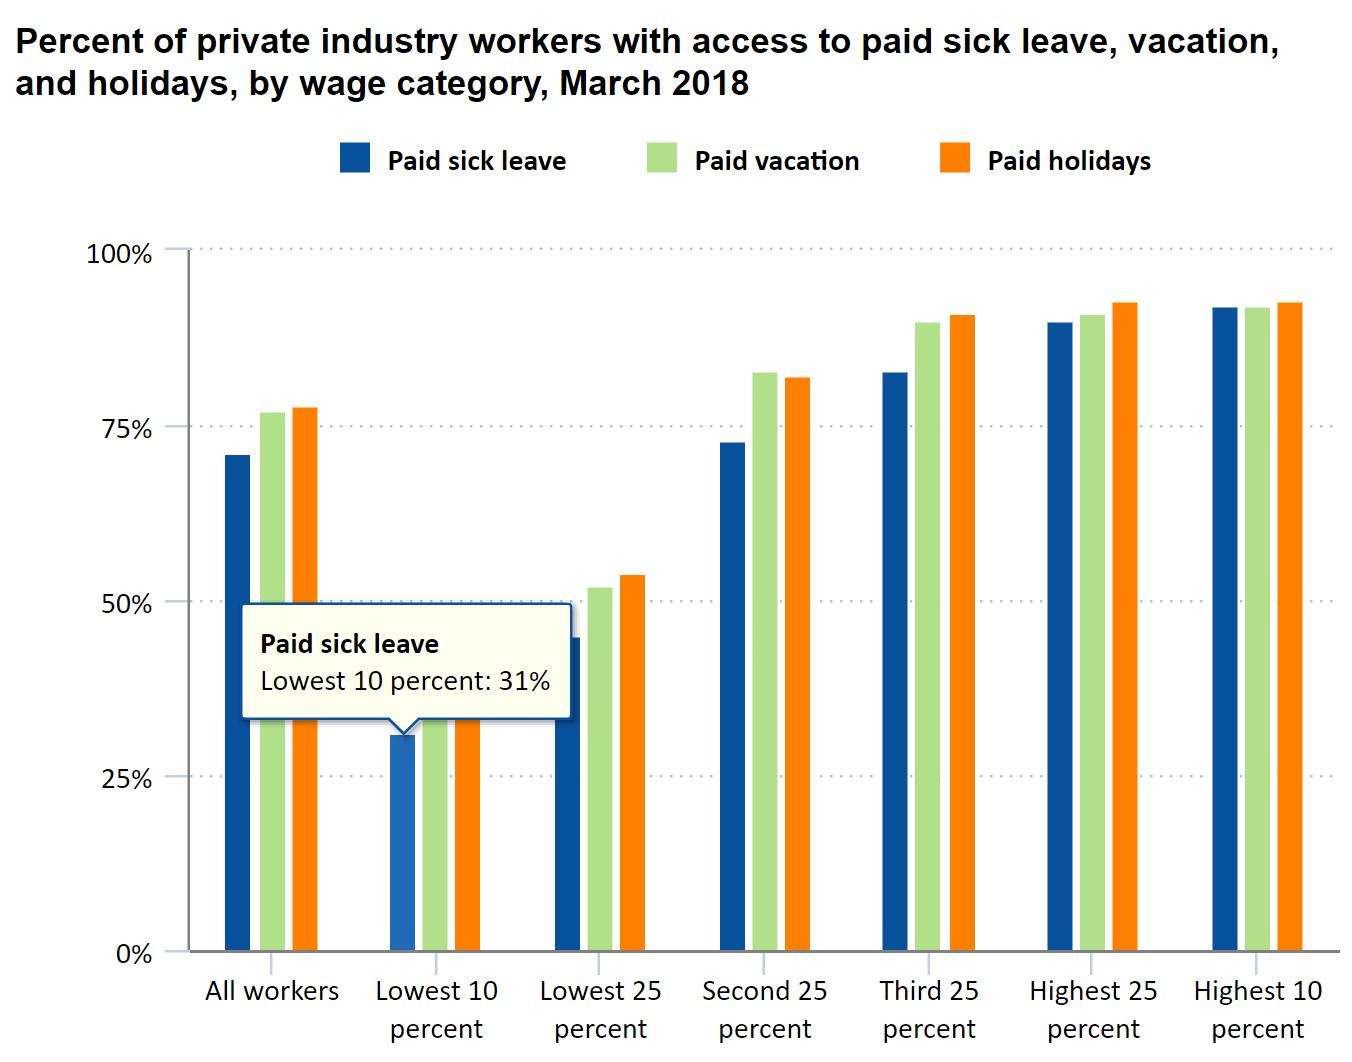 最も貧しいアメリカ人は病気休暇を持っていないので、仕事に行くしかない。